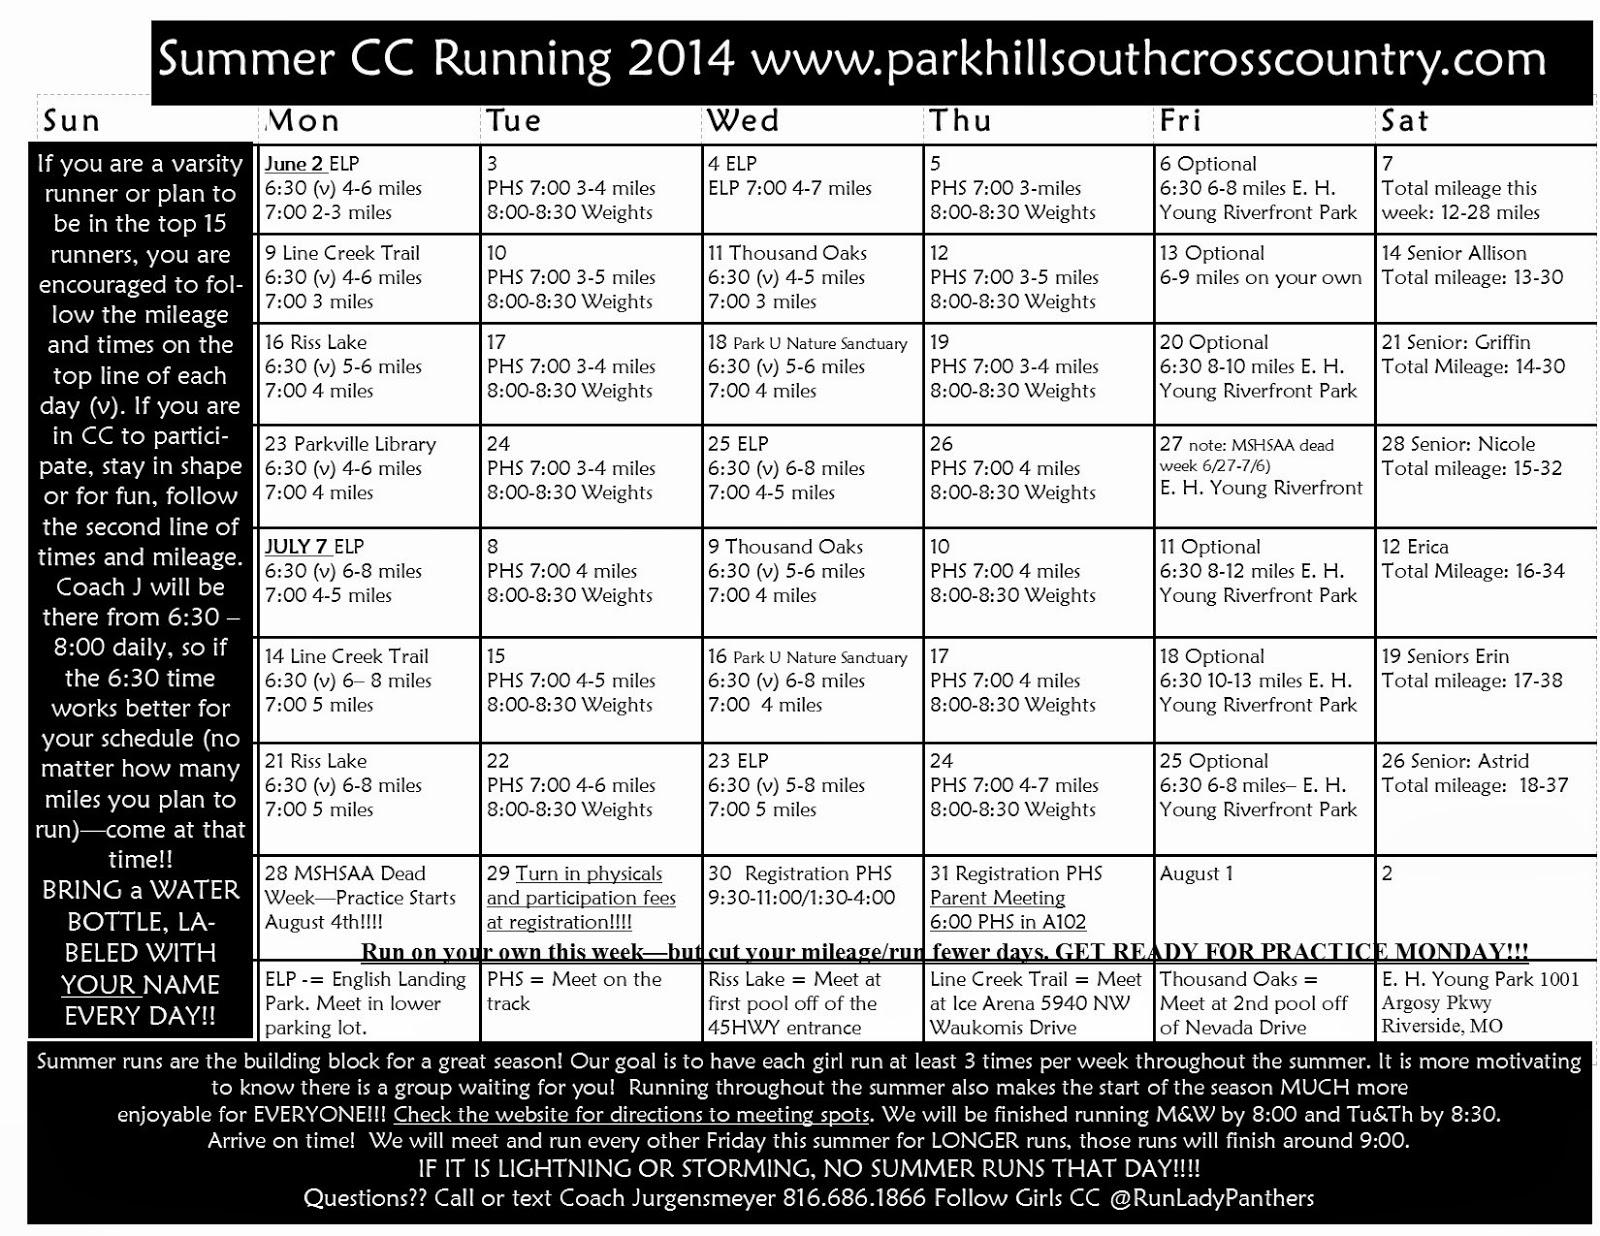 Park Hill South Girls Cross Country Summer Running Calendar